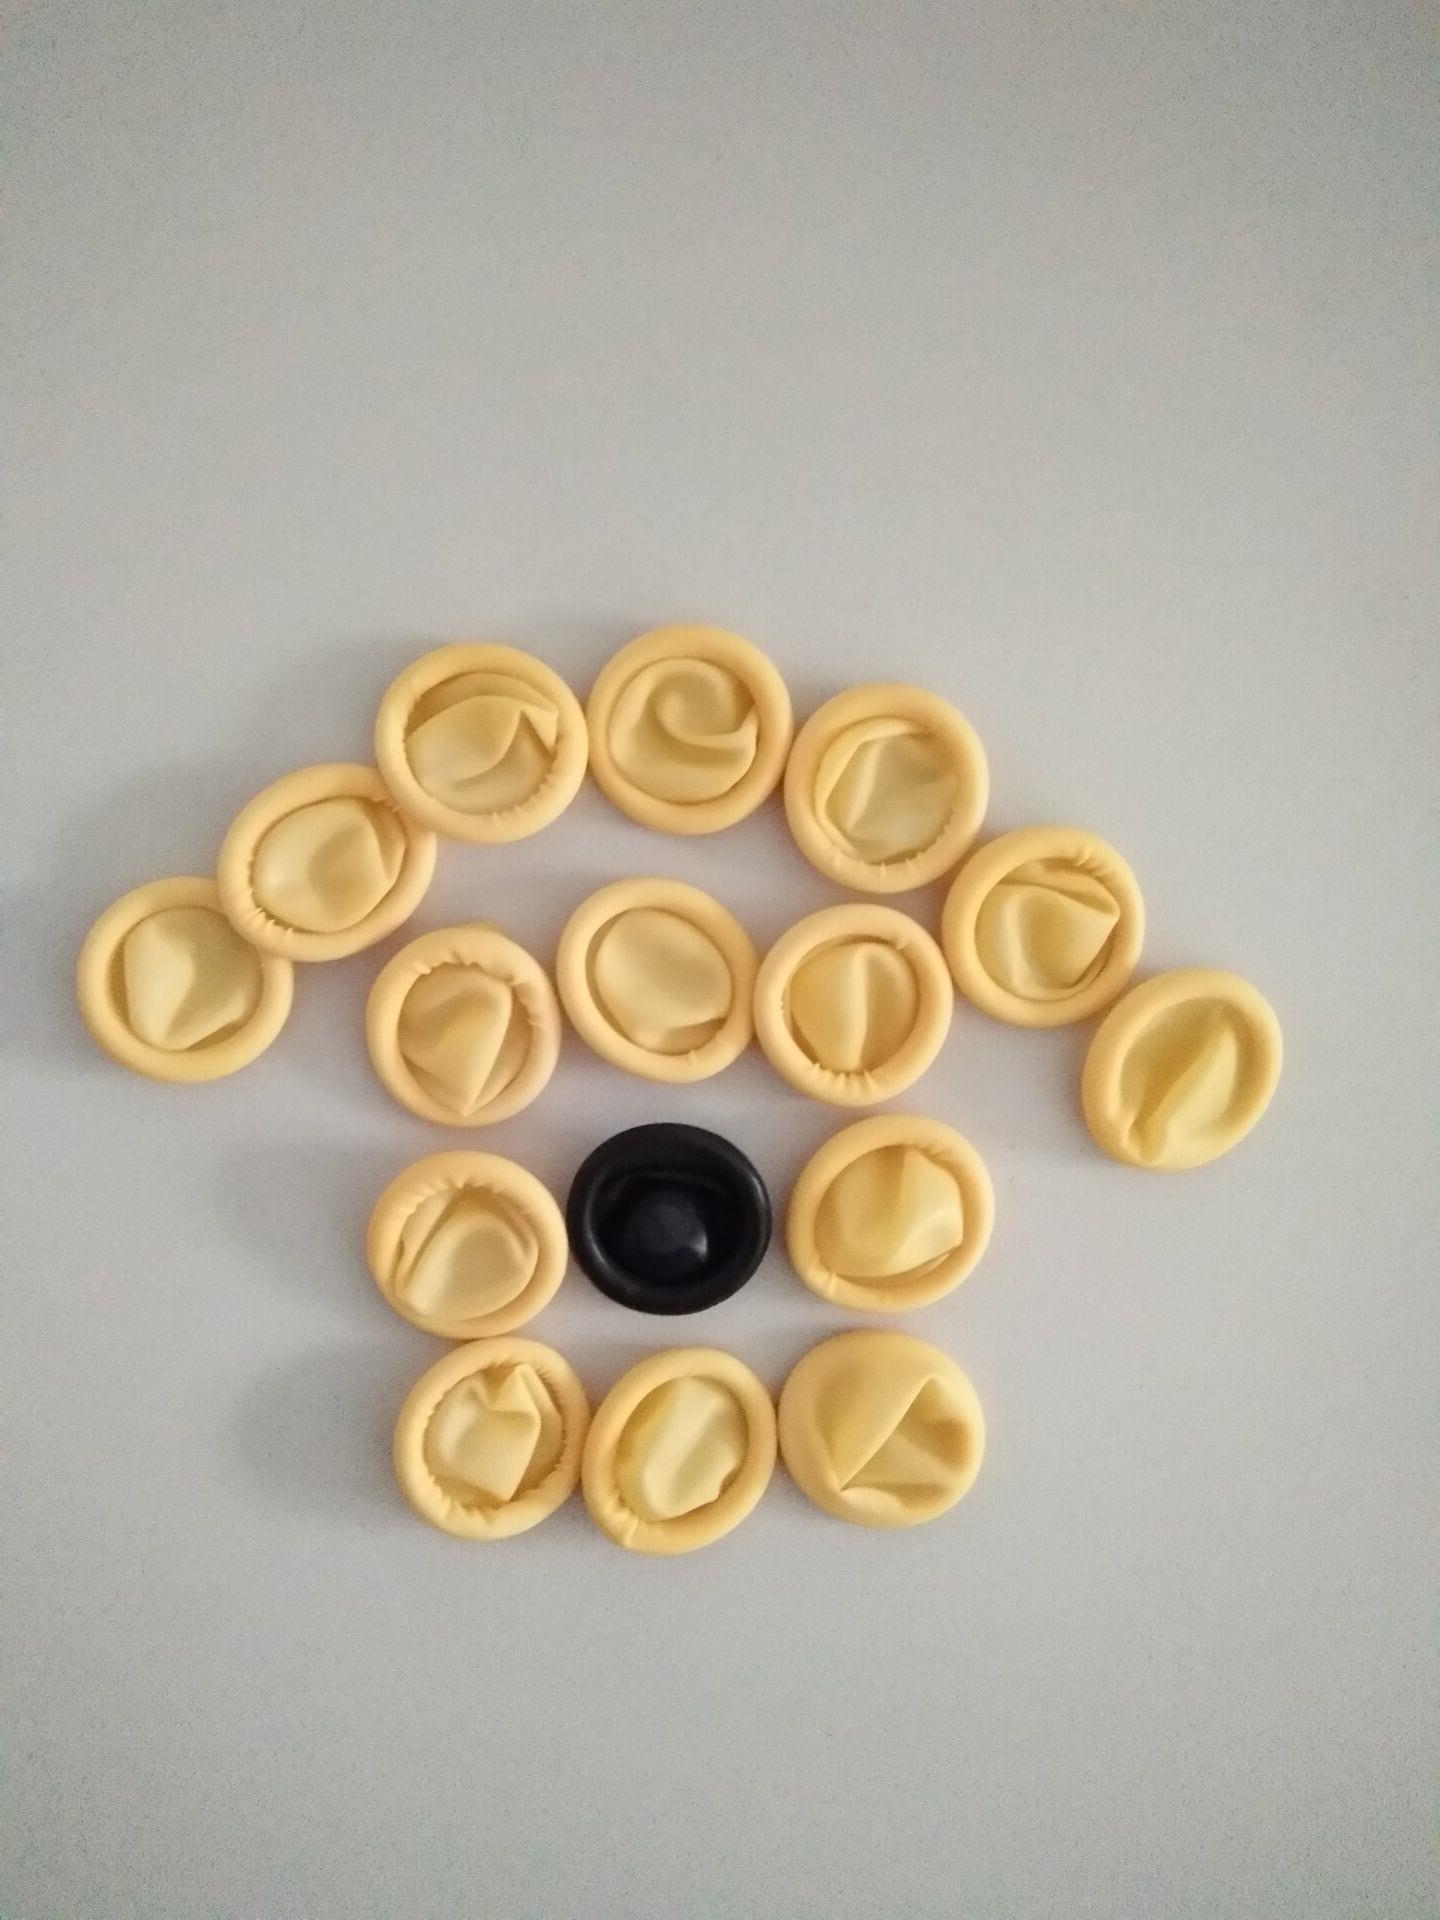 米黄色防静电手指套 深圳市仁山科技